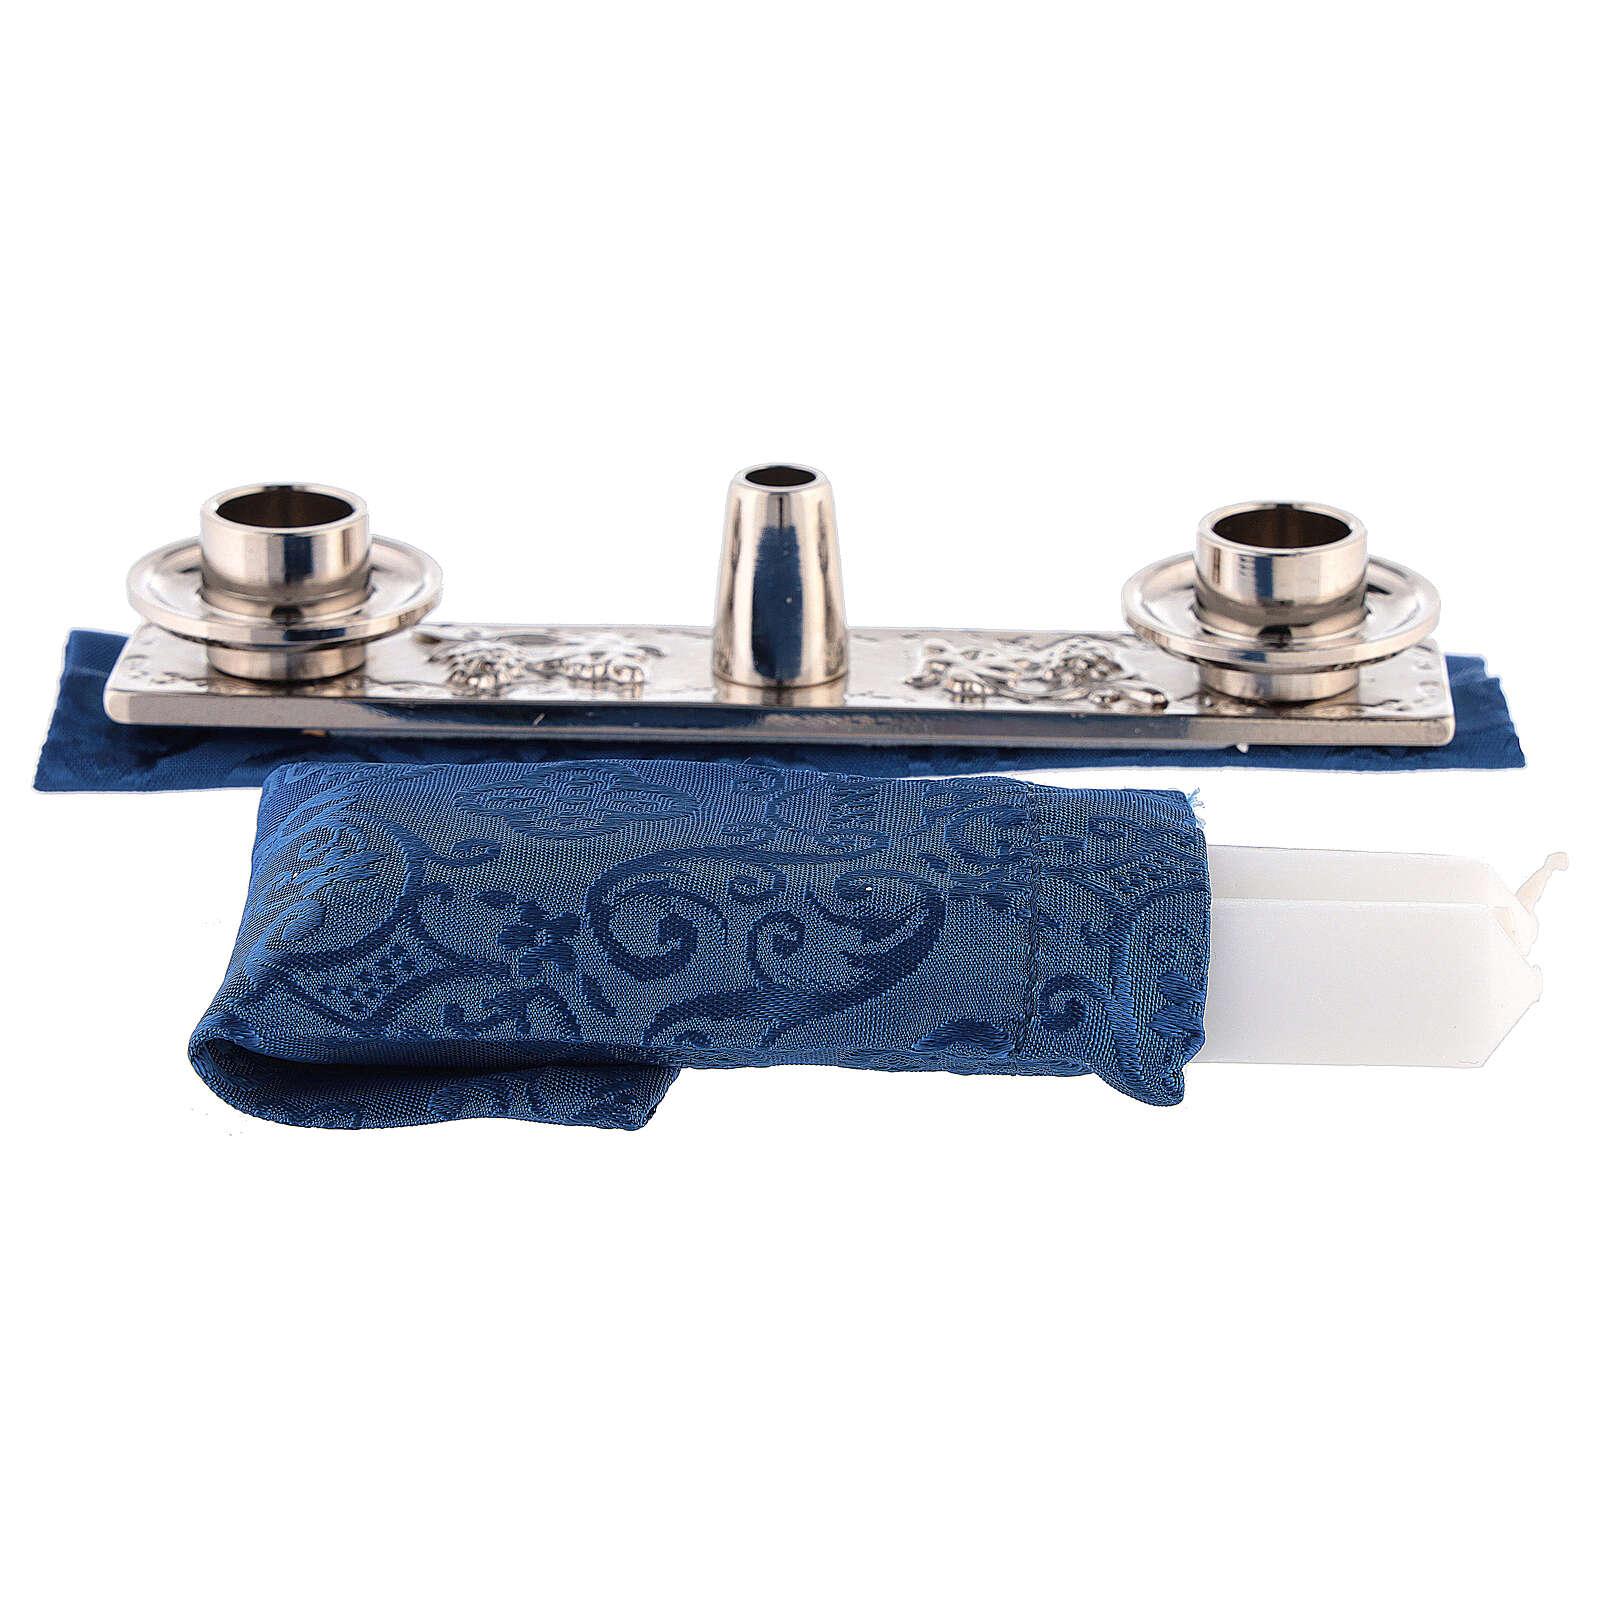 Sacoche en cuir pour célébration avec jacquard bleu 3